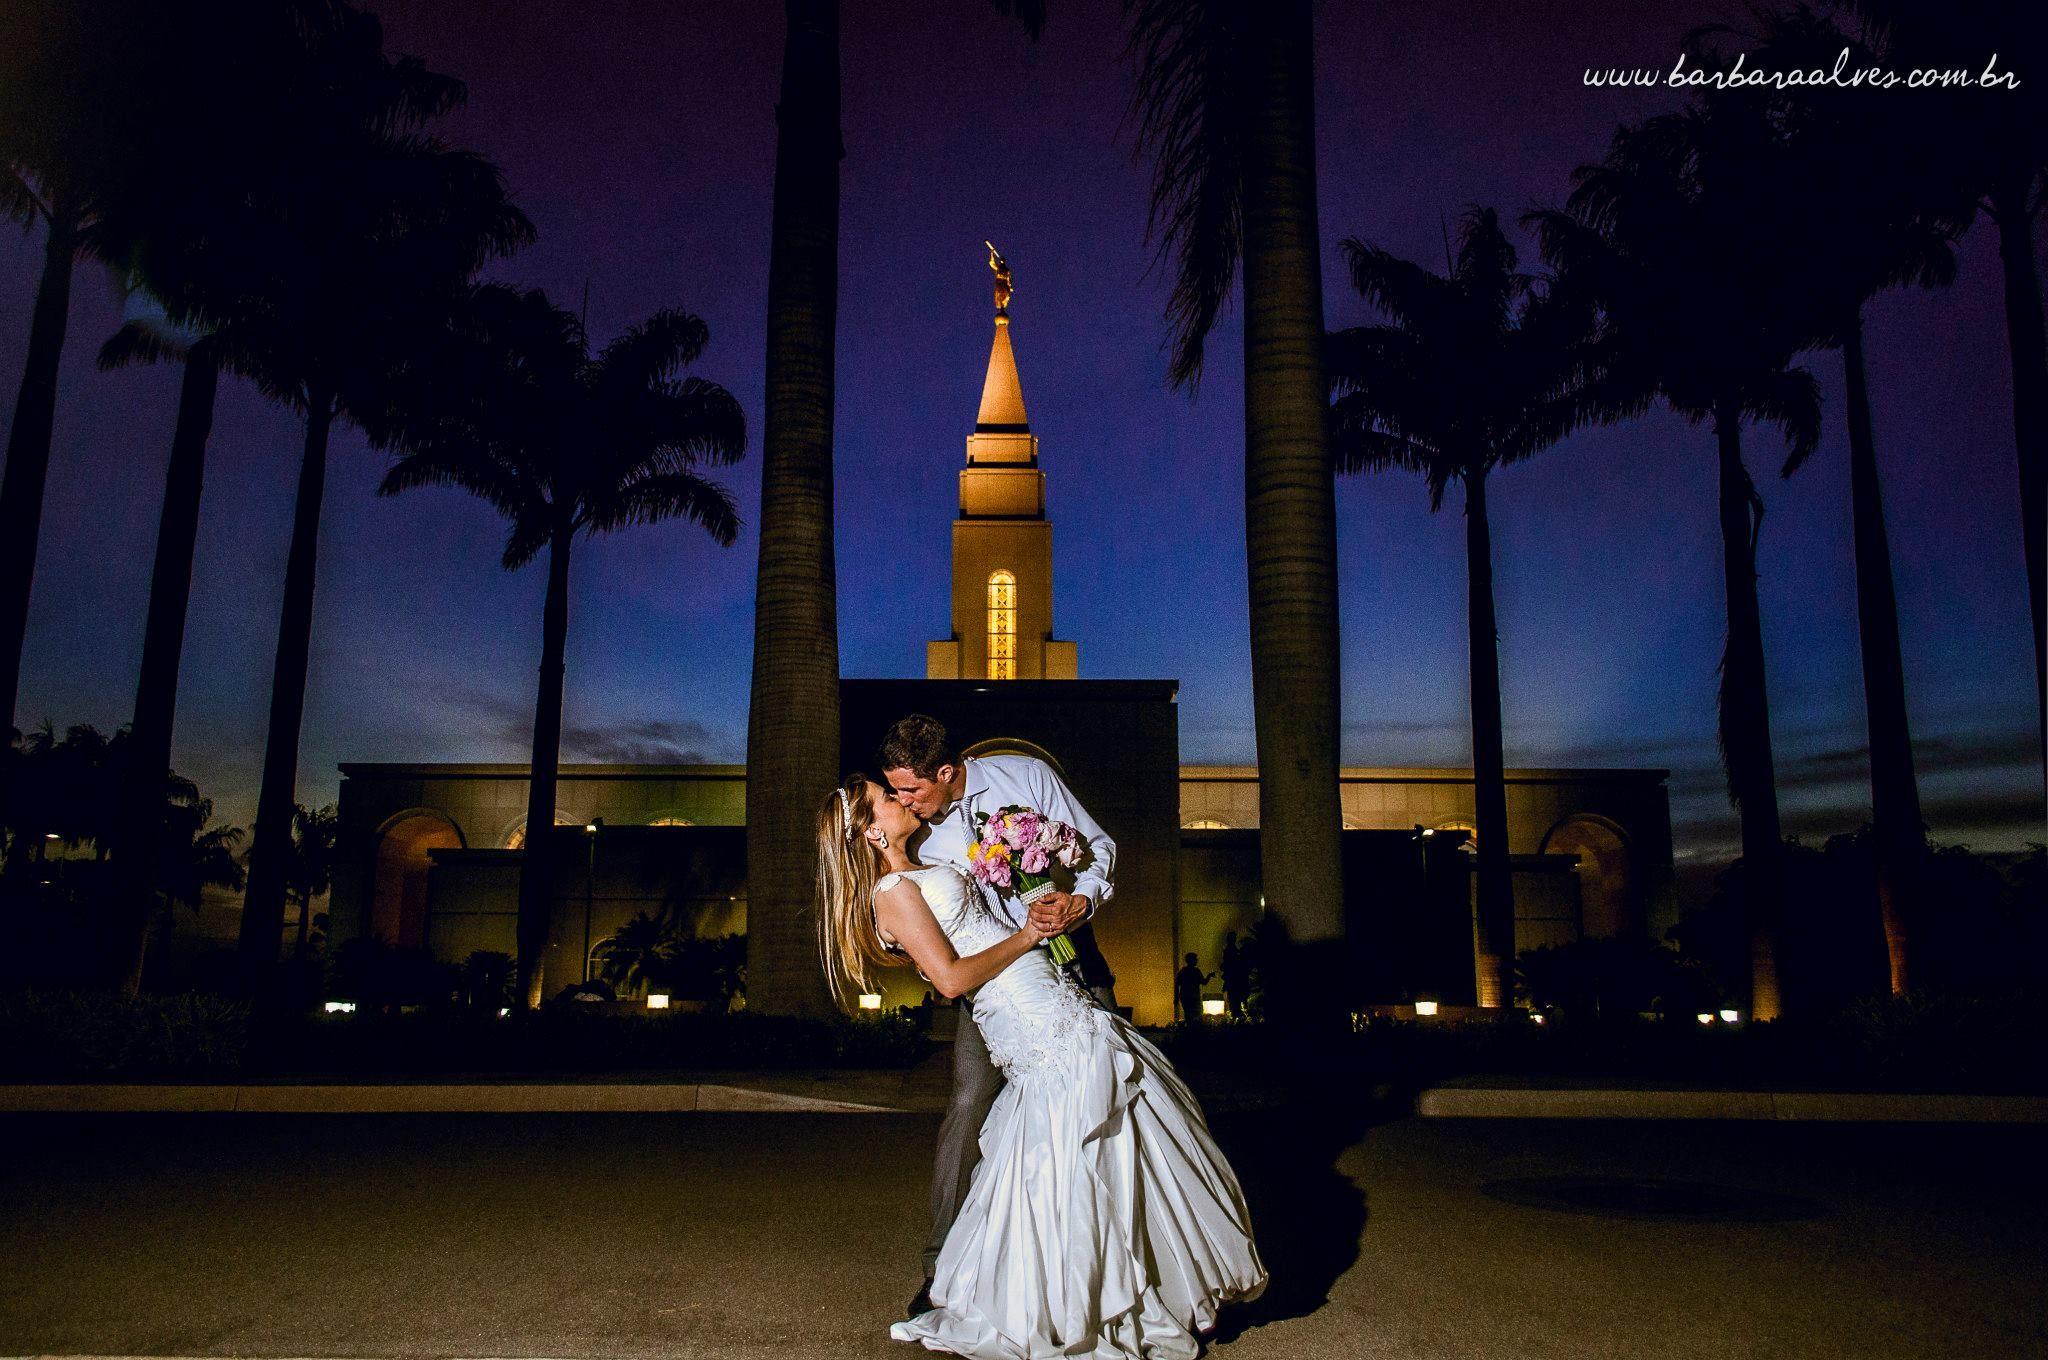 Minhas fotos - Página Bárbara Alves | Fotografia :https://www.facebook.com/BarbaraAlvesFotografia  SITE.www.barbaraalves.com.br